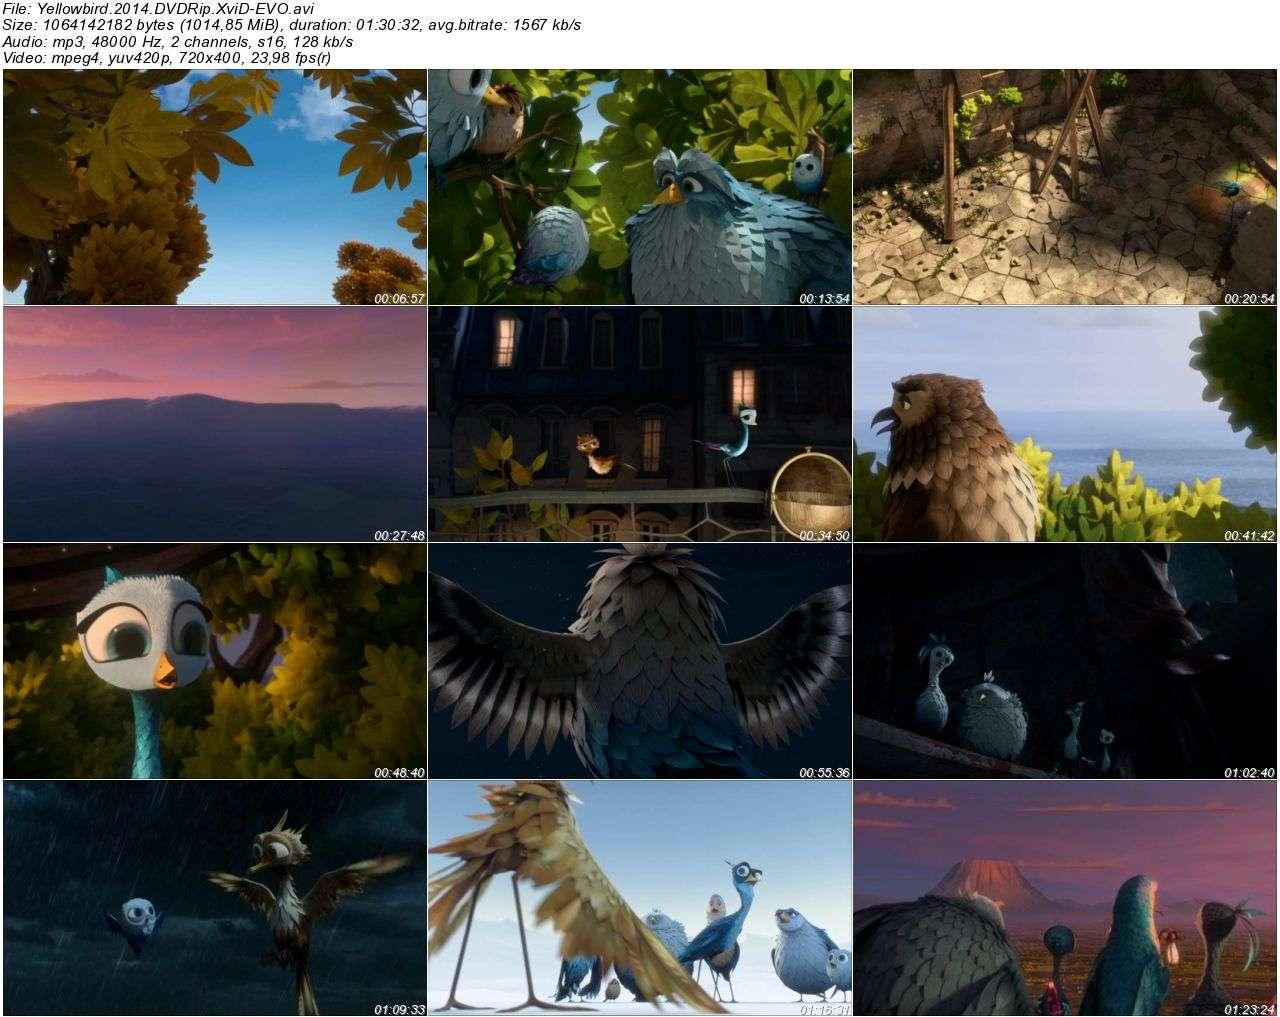 Yellowbird - 2014 DVDRip XviD - Türkçe Altyazılı Tek Link indir